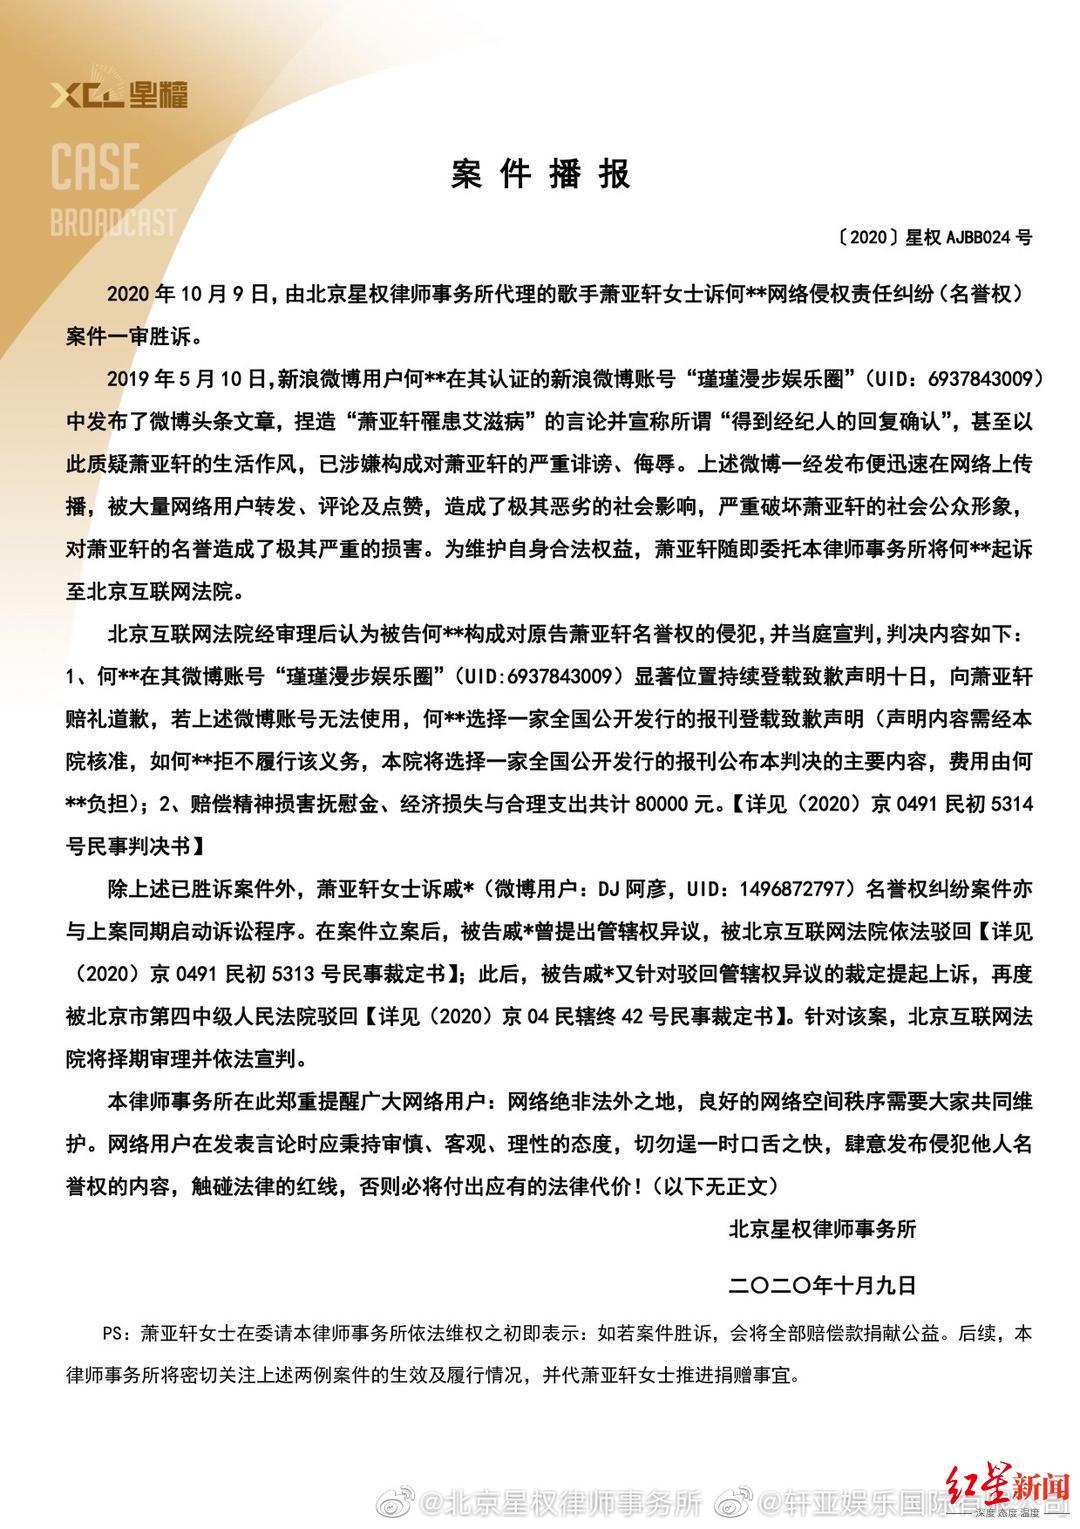 【百度快猫网址排名】_造谣萧亚轩患艾滋病的网友被判赔偿8万元并公开道歉10天